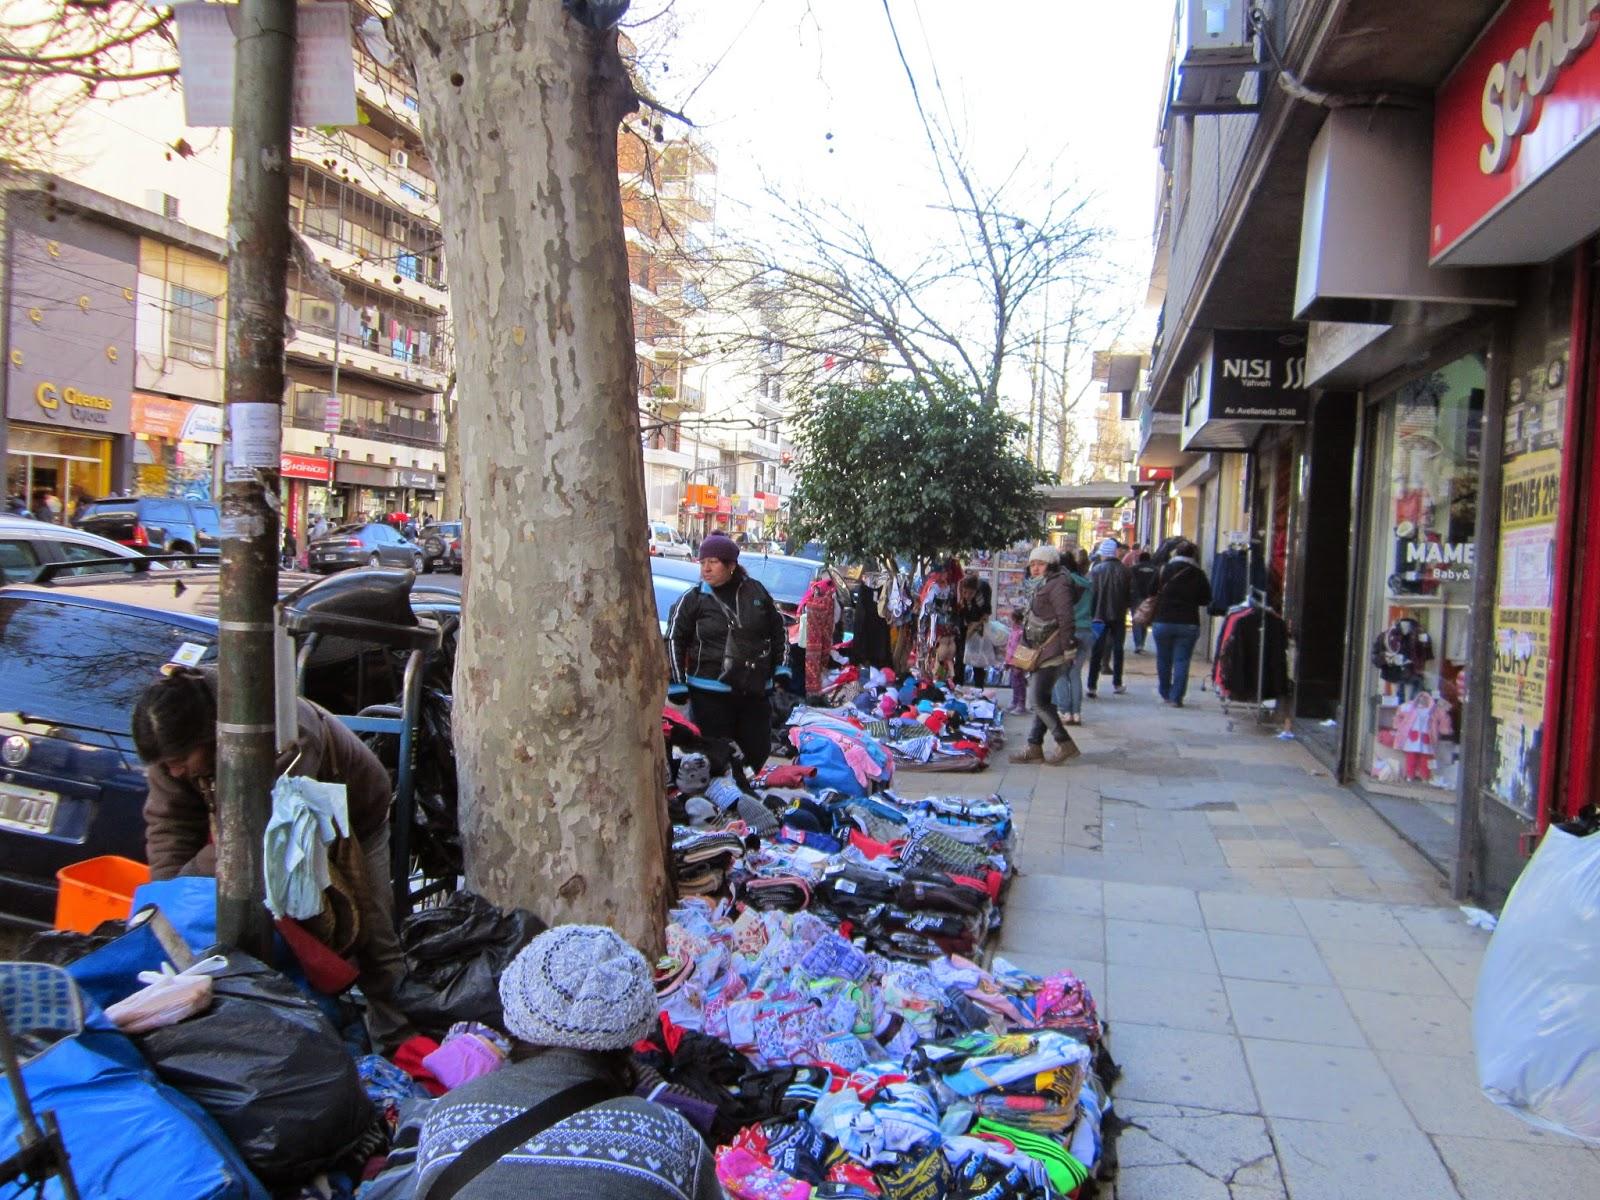 Las pymes, preocupadas por la vuelta de la venta ilegal a Flores tras el desplazamiento del titular de la Aduana